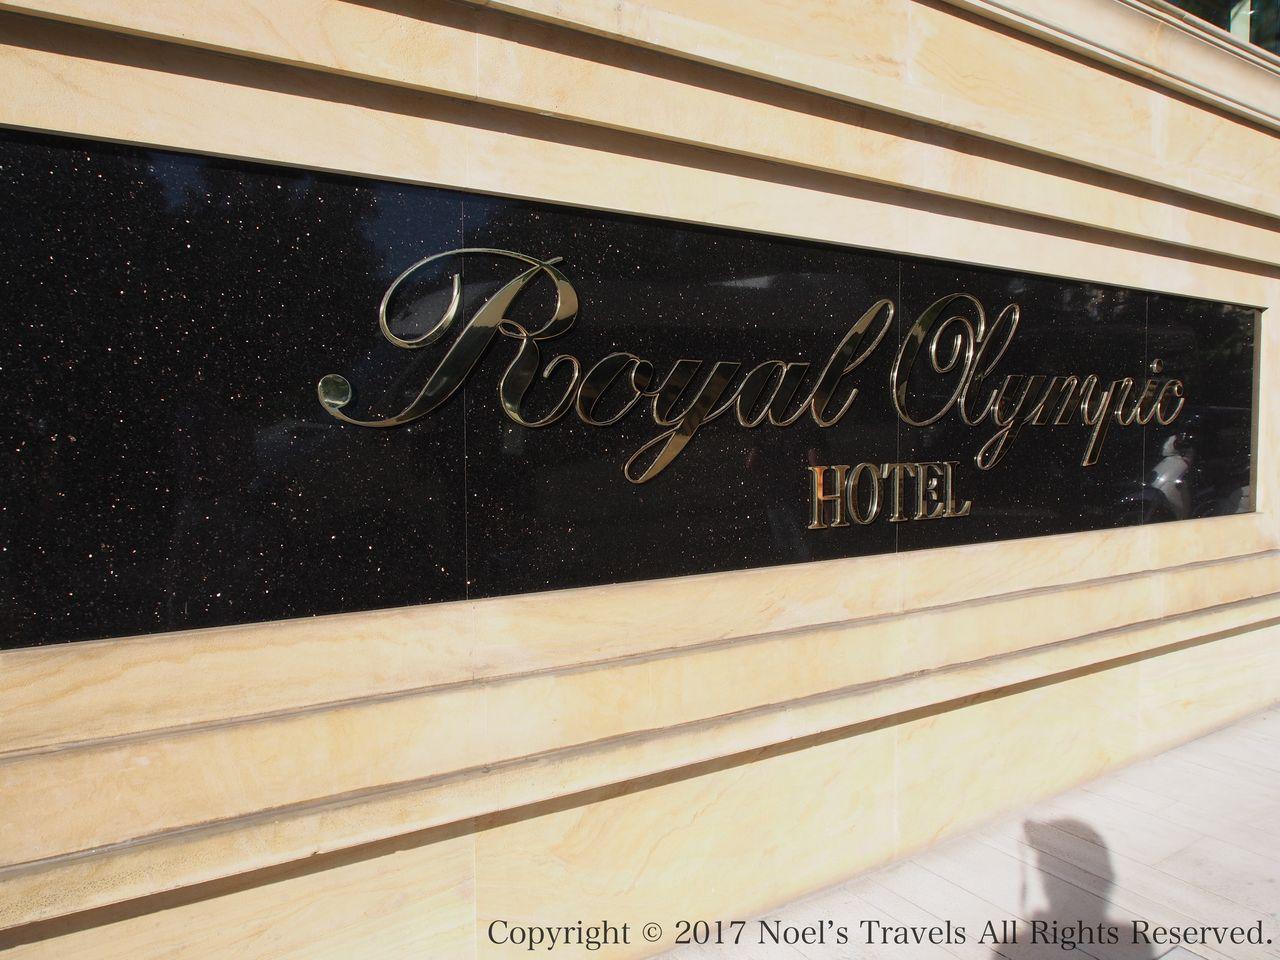 アテネのロイヤル・オリンピック・ホテル